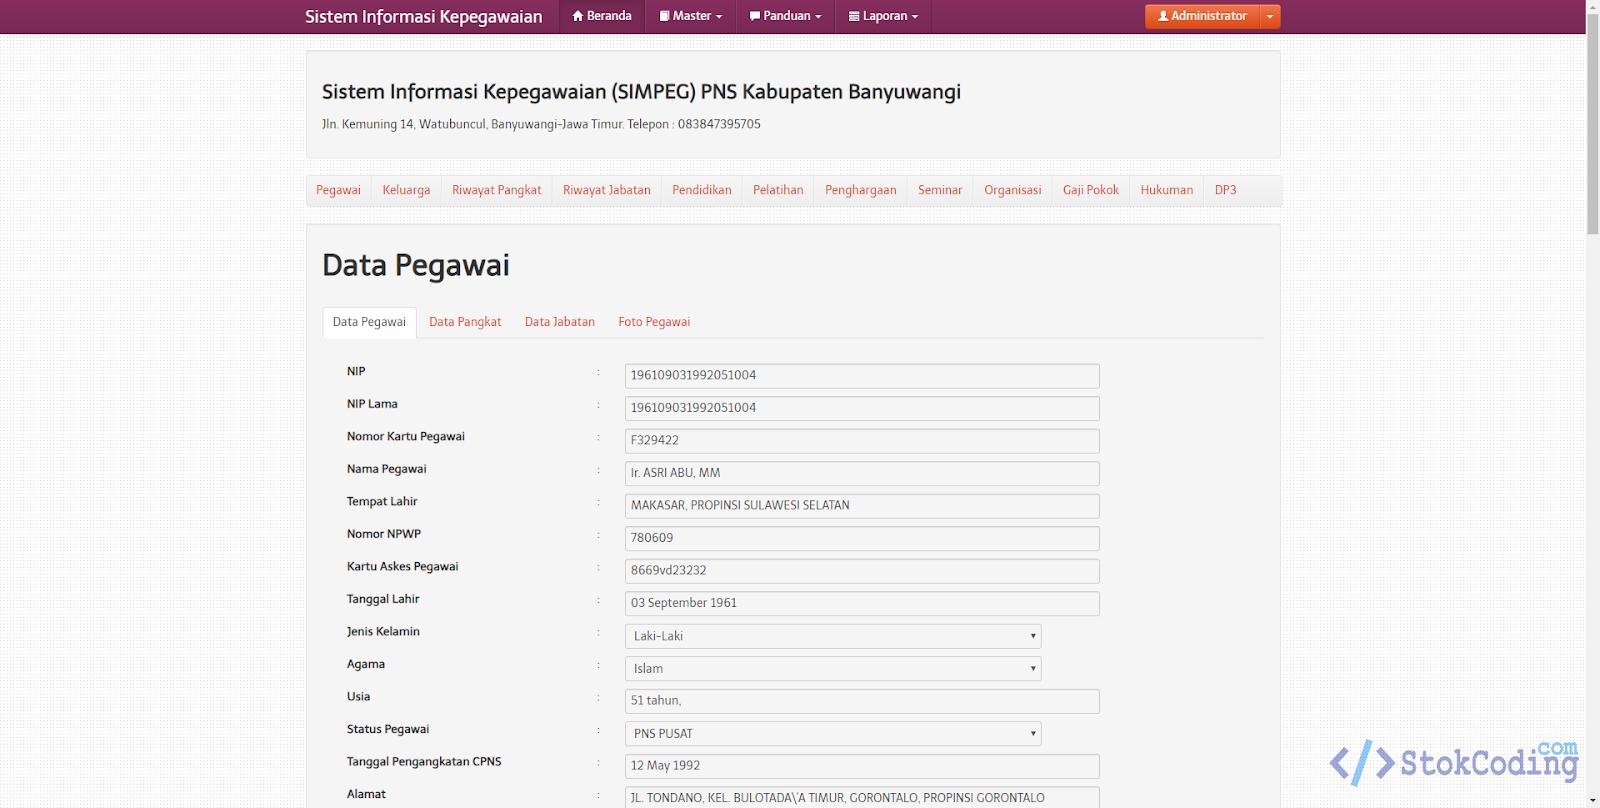 Sistem Informasi Kepegawaian Berbasis Web (Codeigniter)